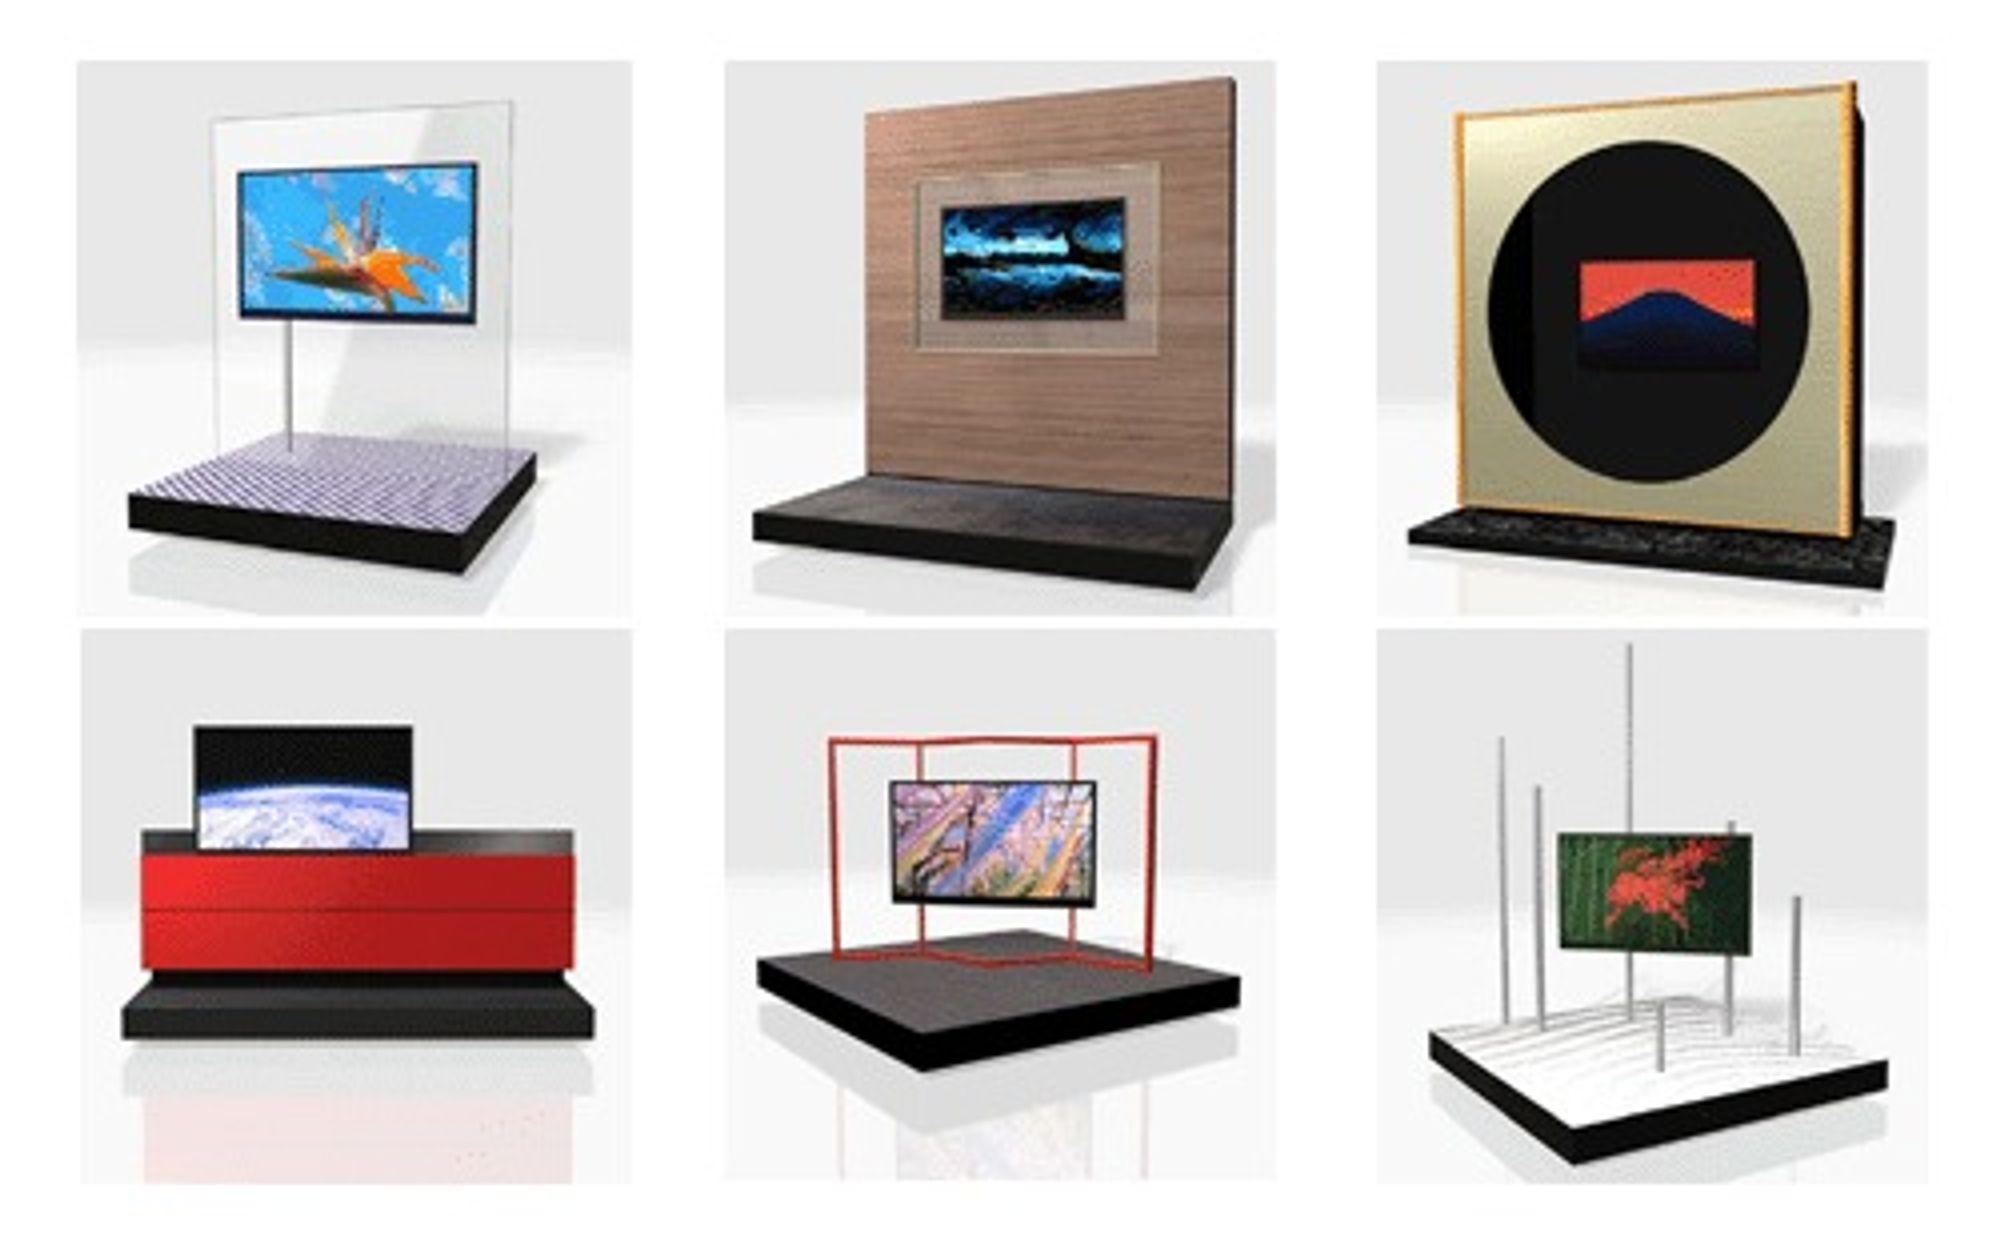 Sharps nye supertynne LCD-TV-er. De er kun 20 millimeter tykke.